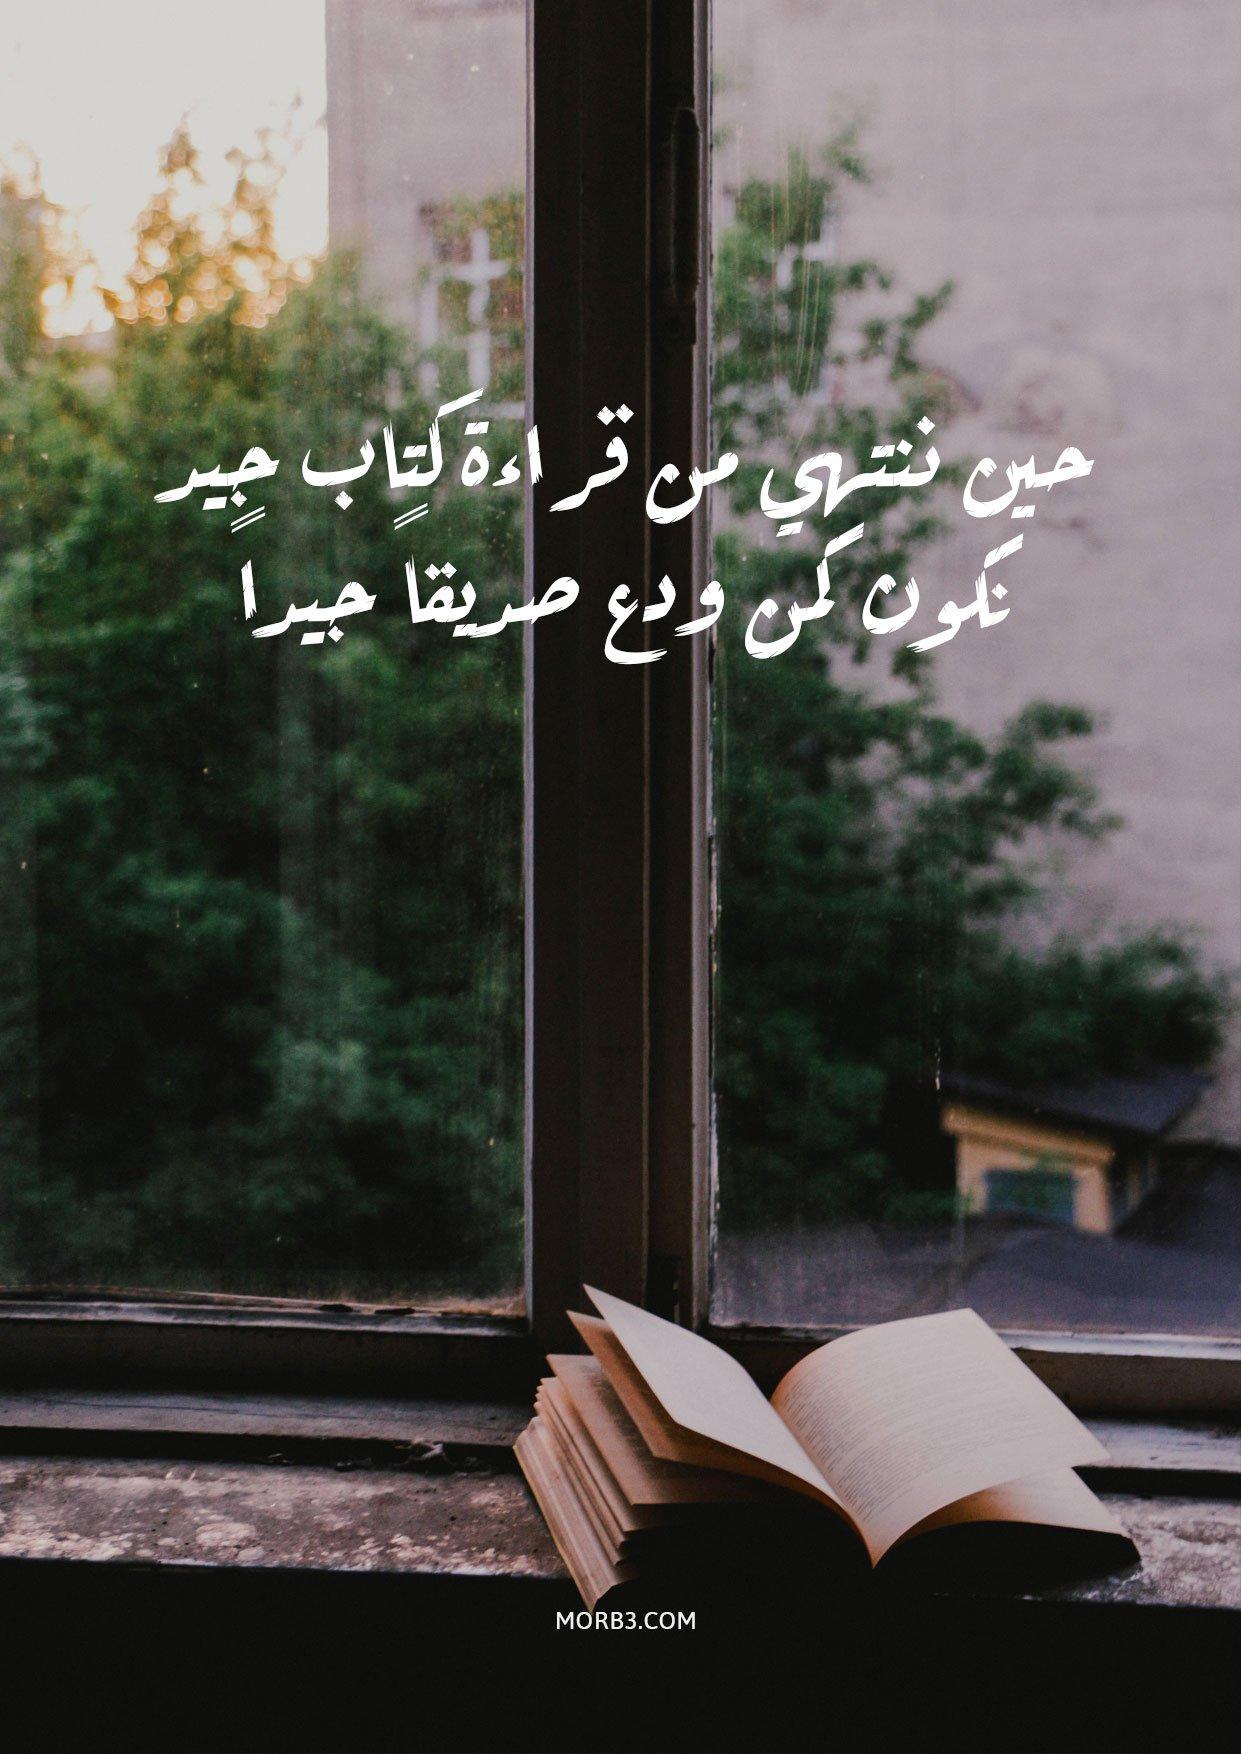 صور خلفيات مكتوب عليها كلام جميل حكم عن الكتب والقراءة للموبايل